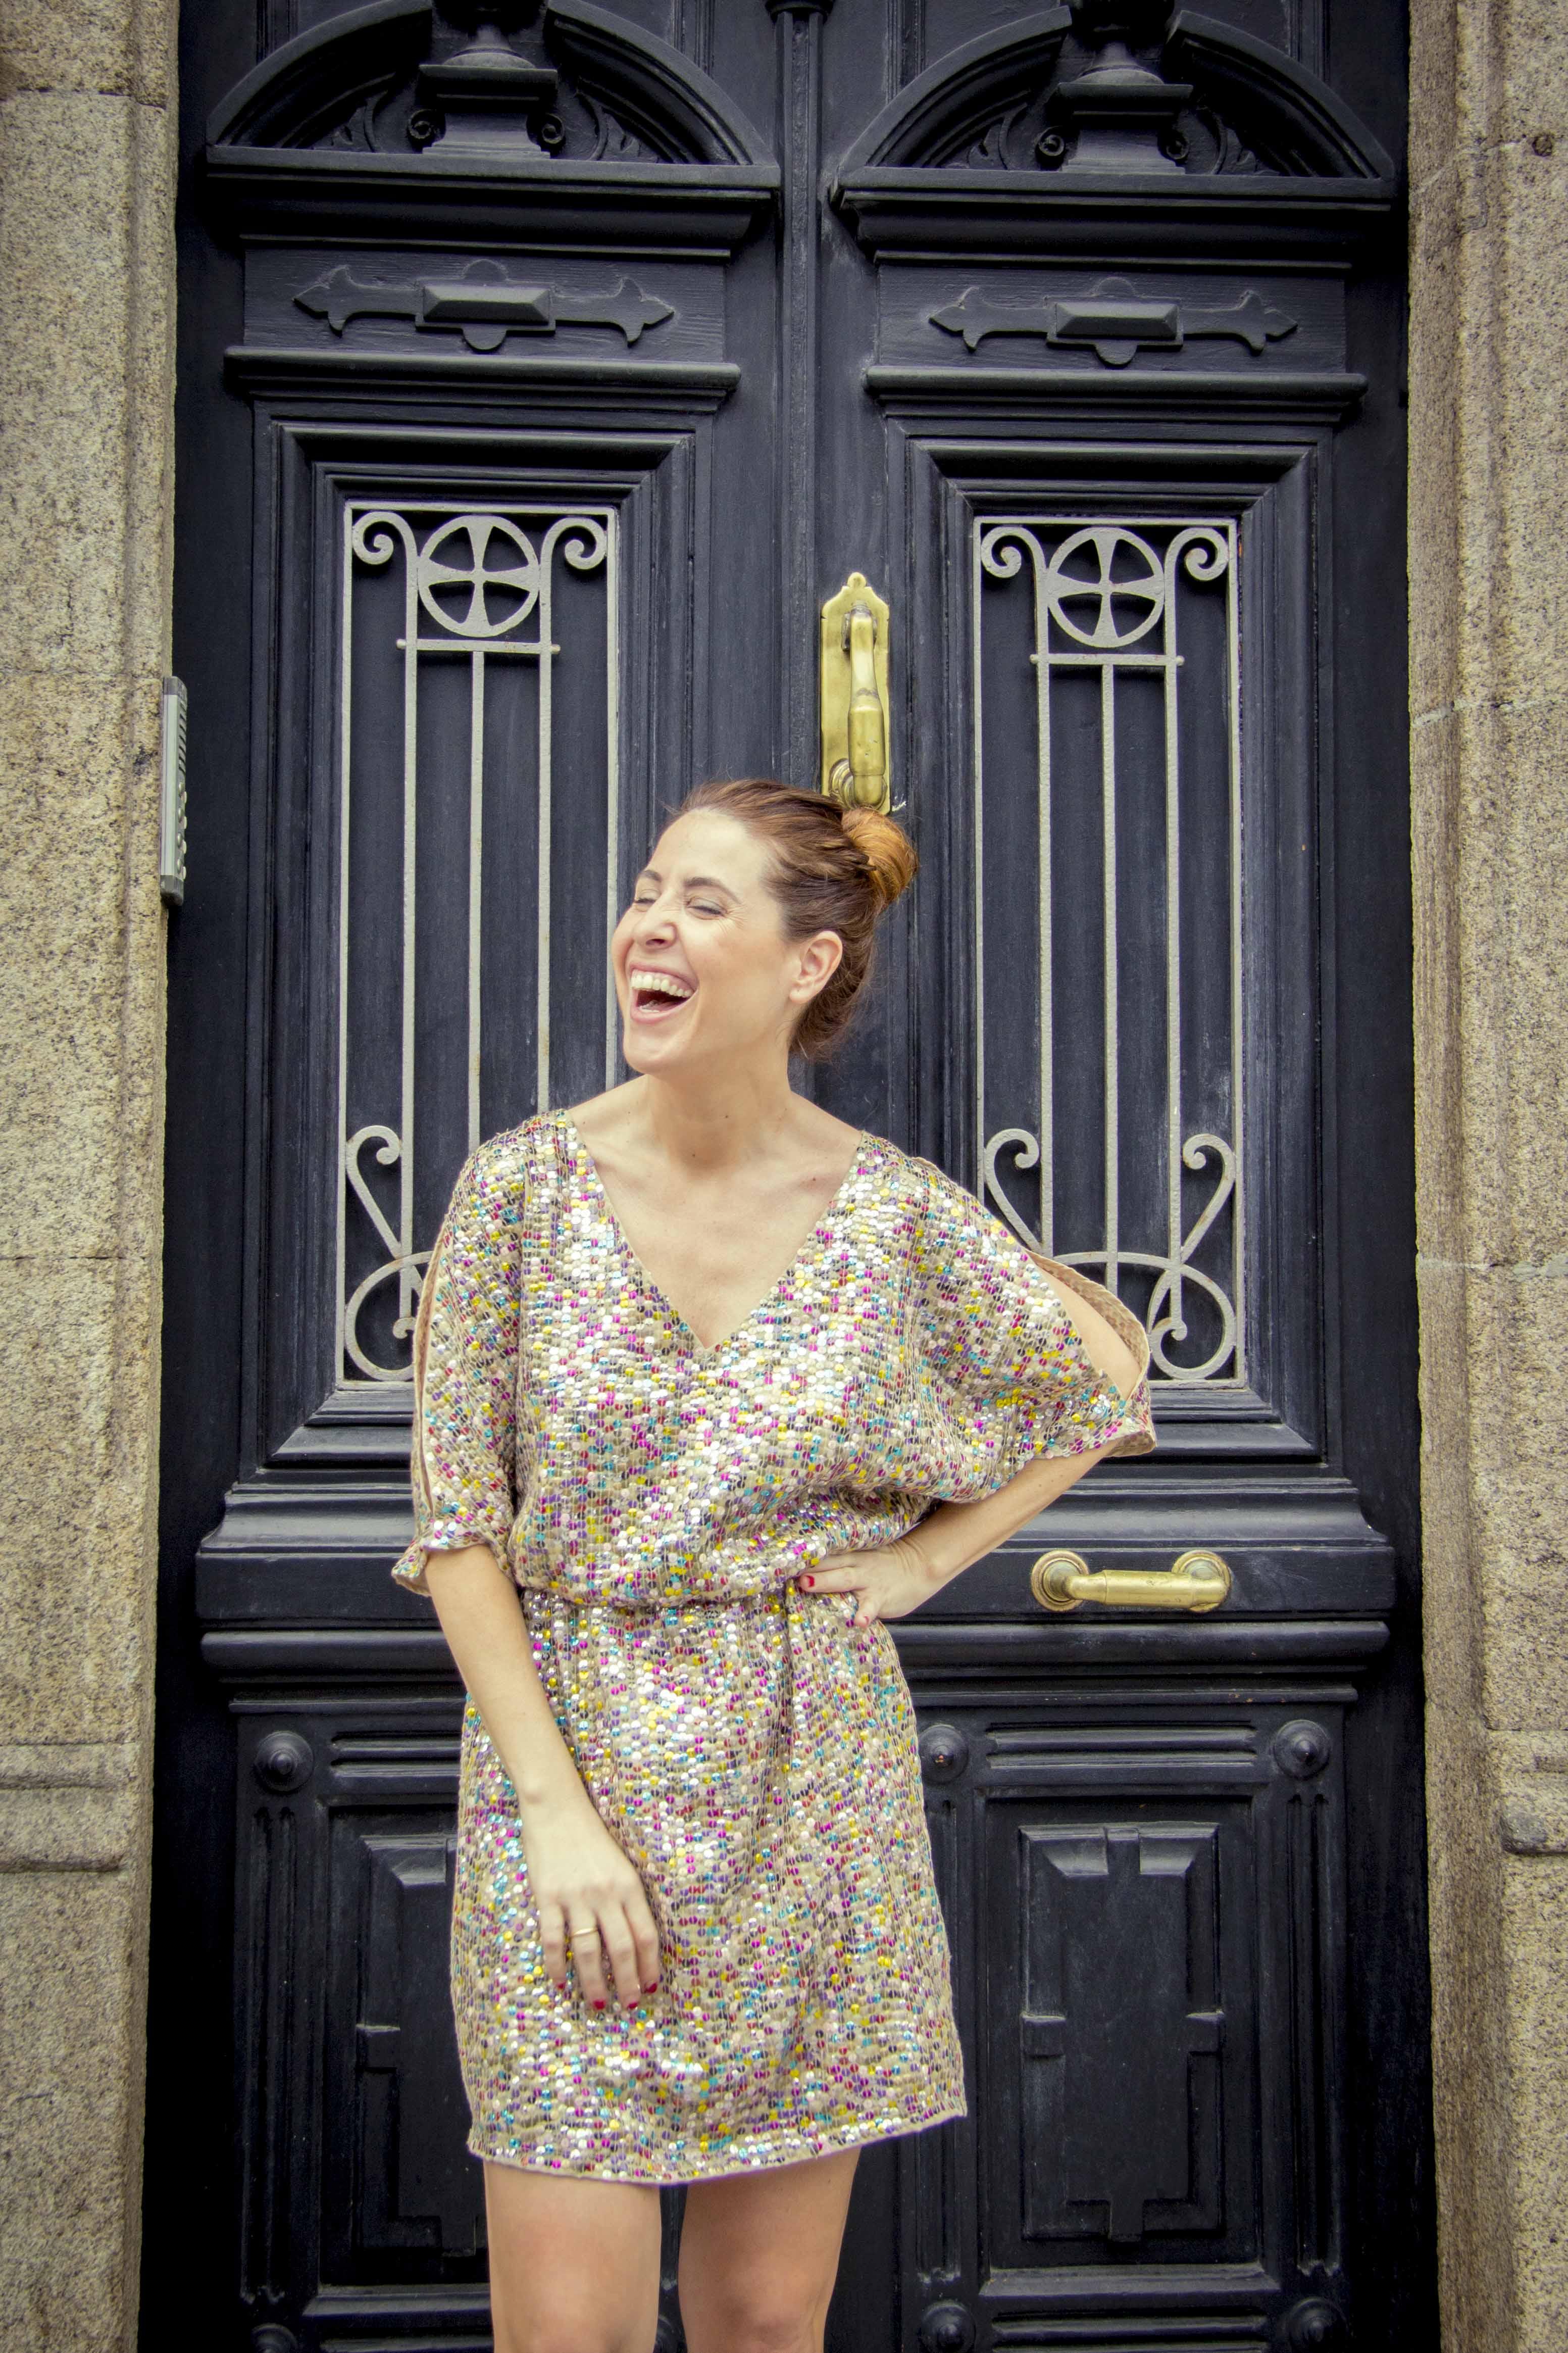 blogger-coruña-fashion-streetstyle-Hoss Intropia-descalzaporelparque-dress